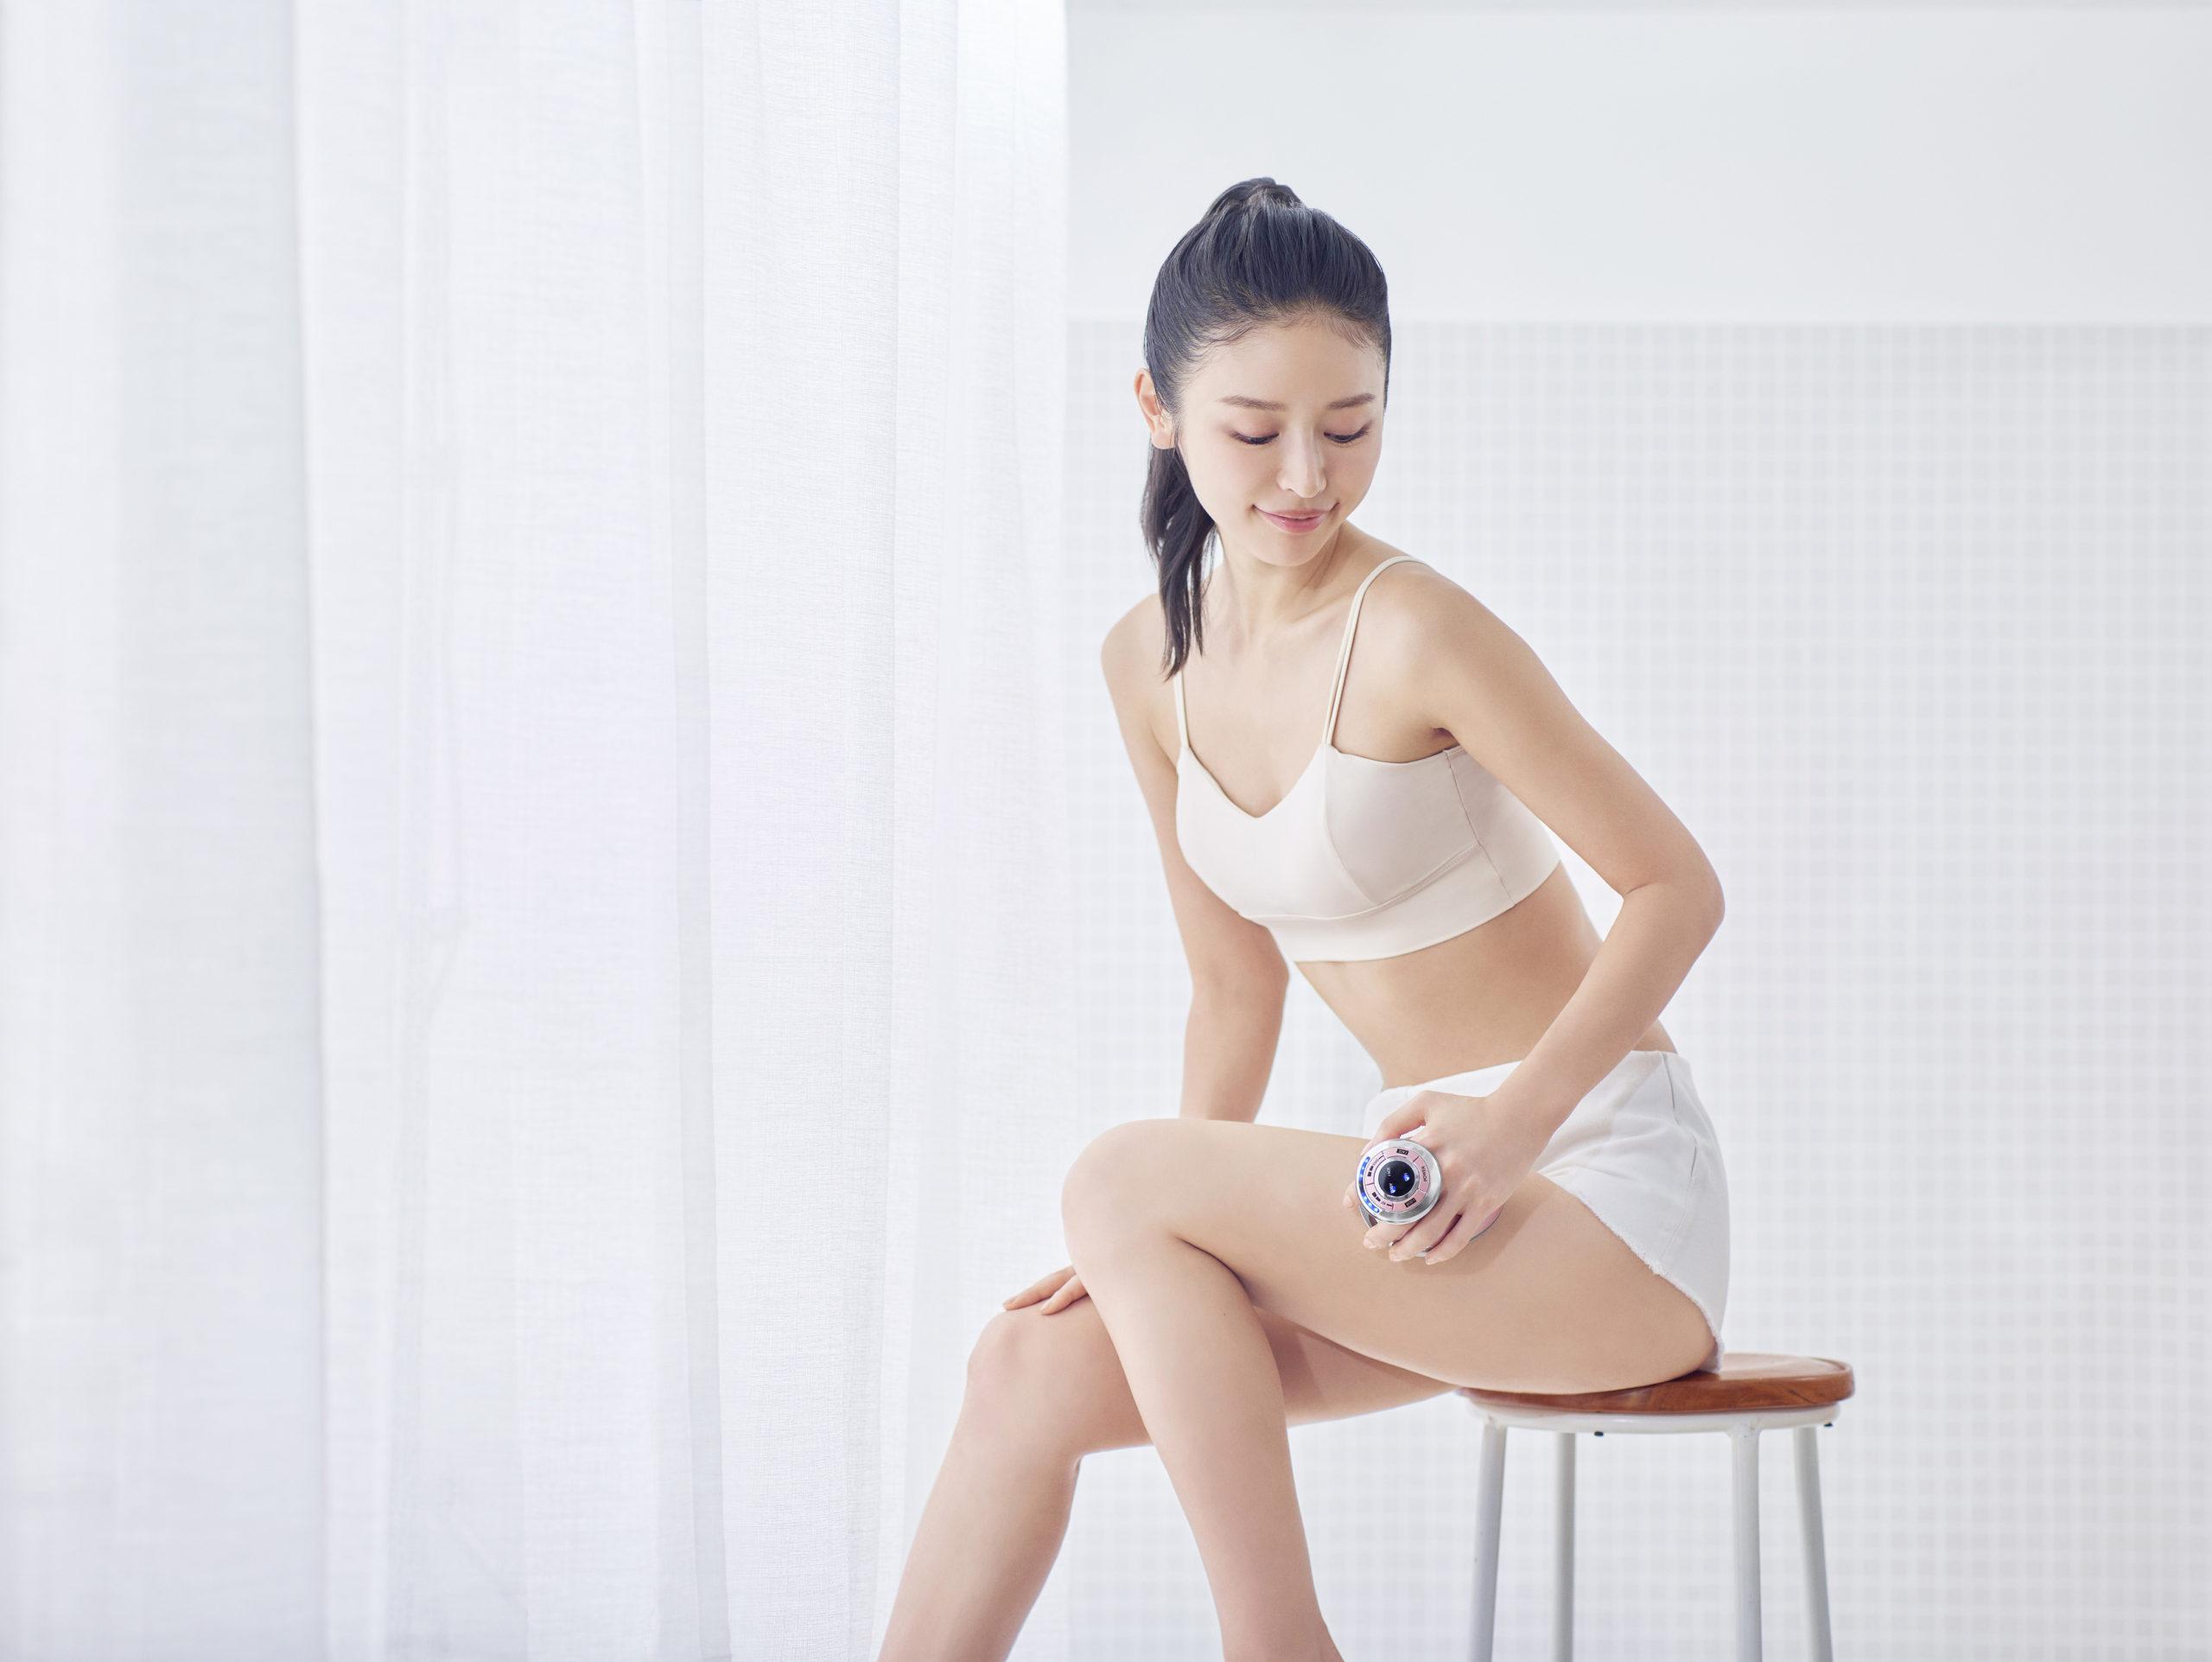 加治ひとみ、「YA-MAN TOKYO JAPAN」 ボディケア製品のアンバサダー